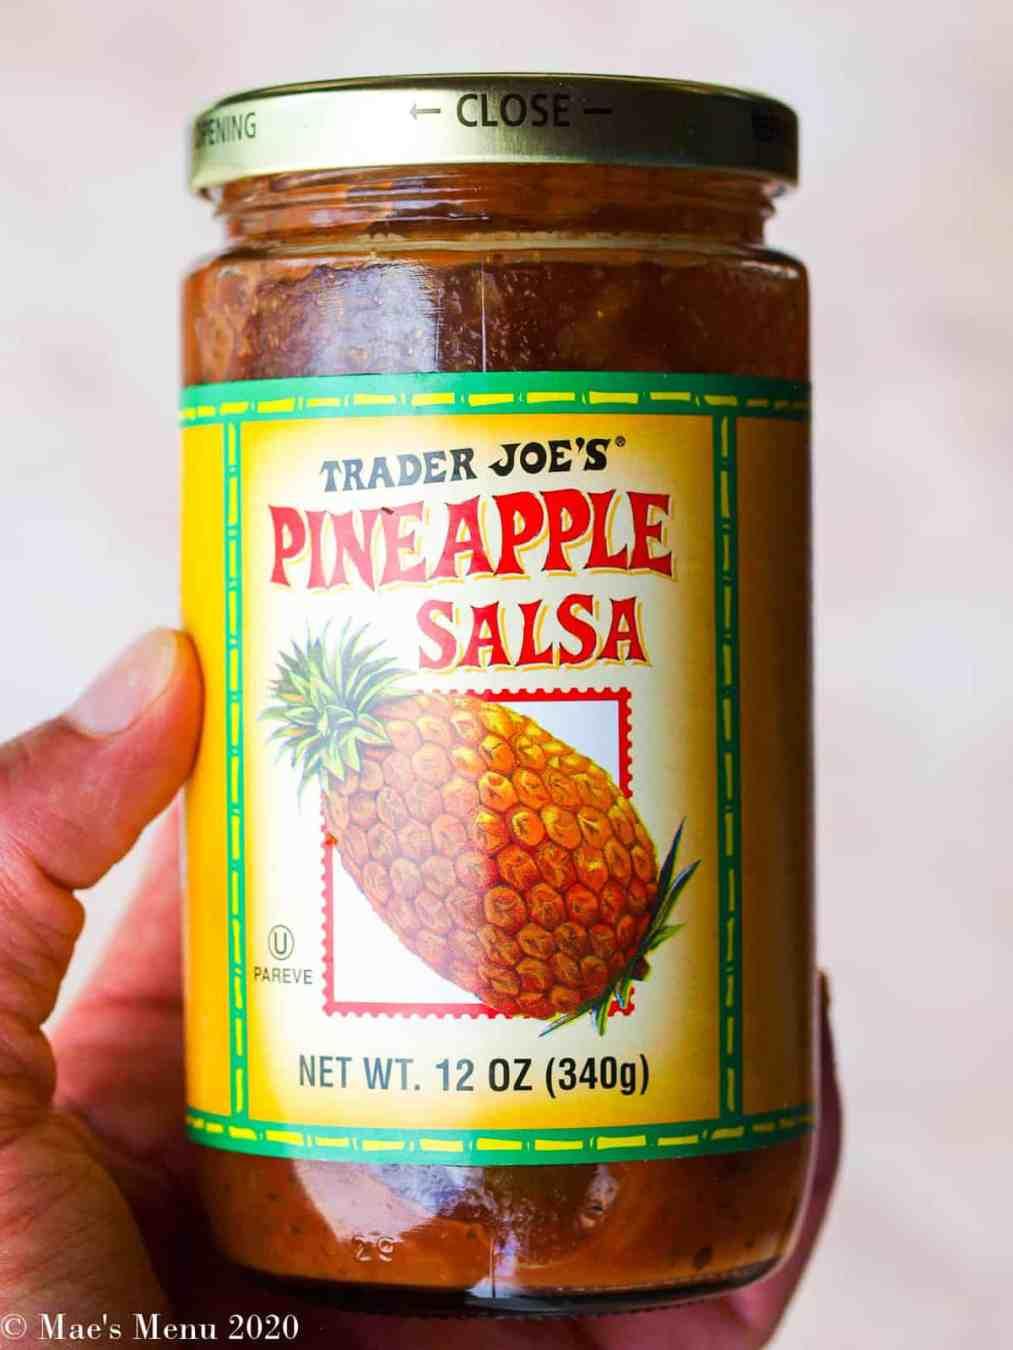 An up-close shot of a bottle of pineapple salsa.